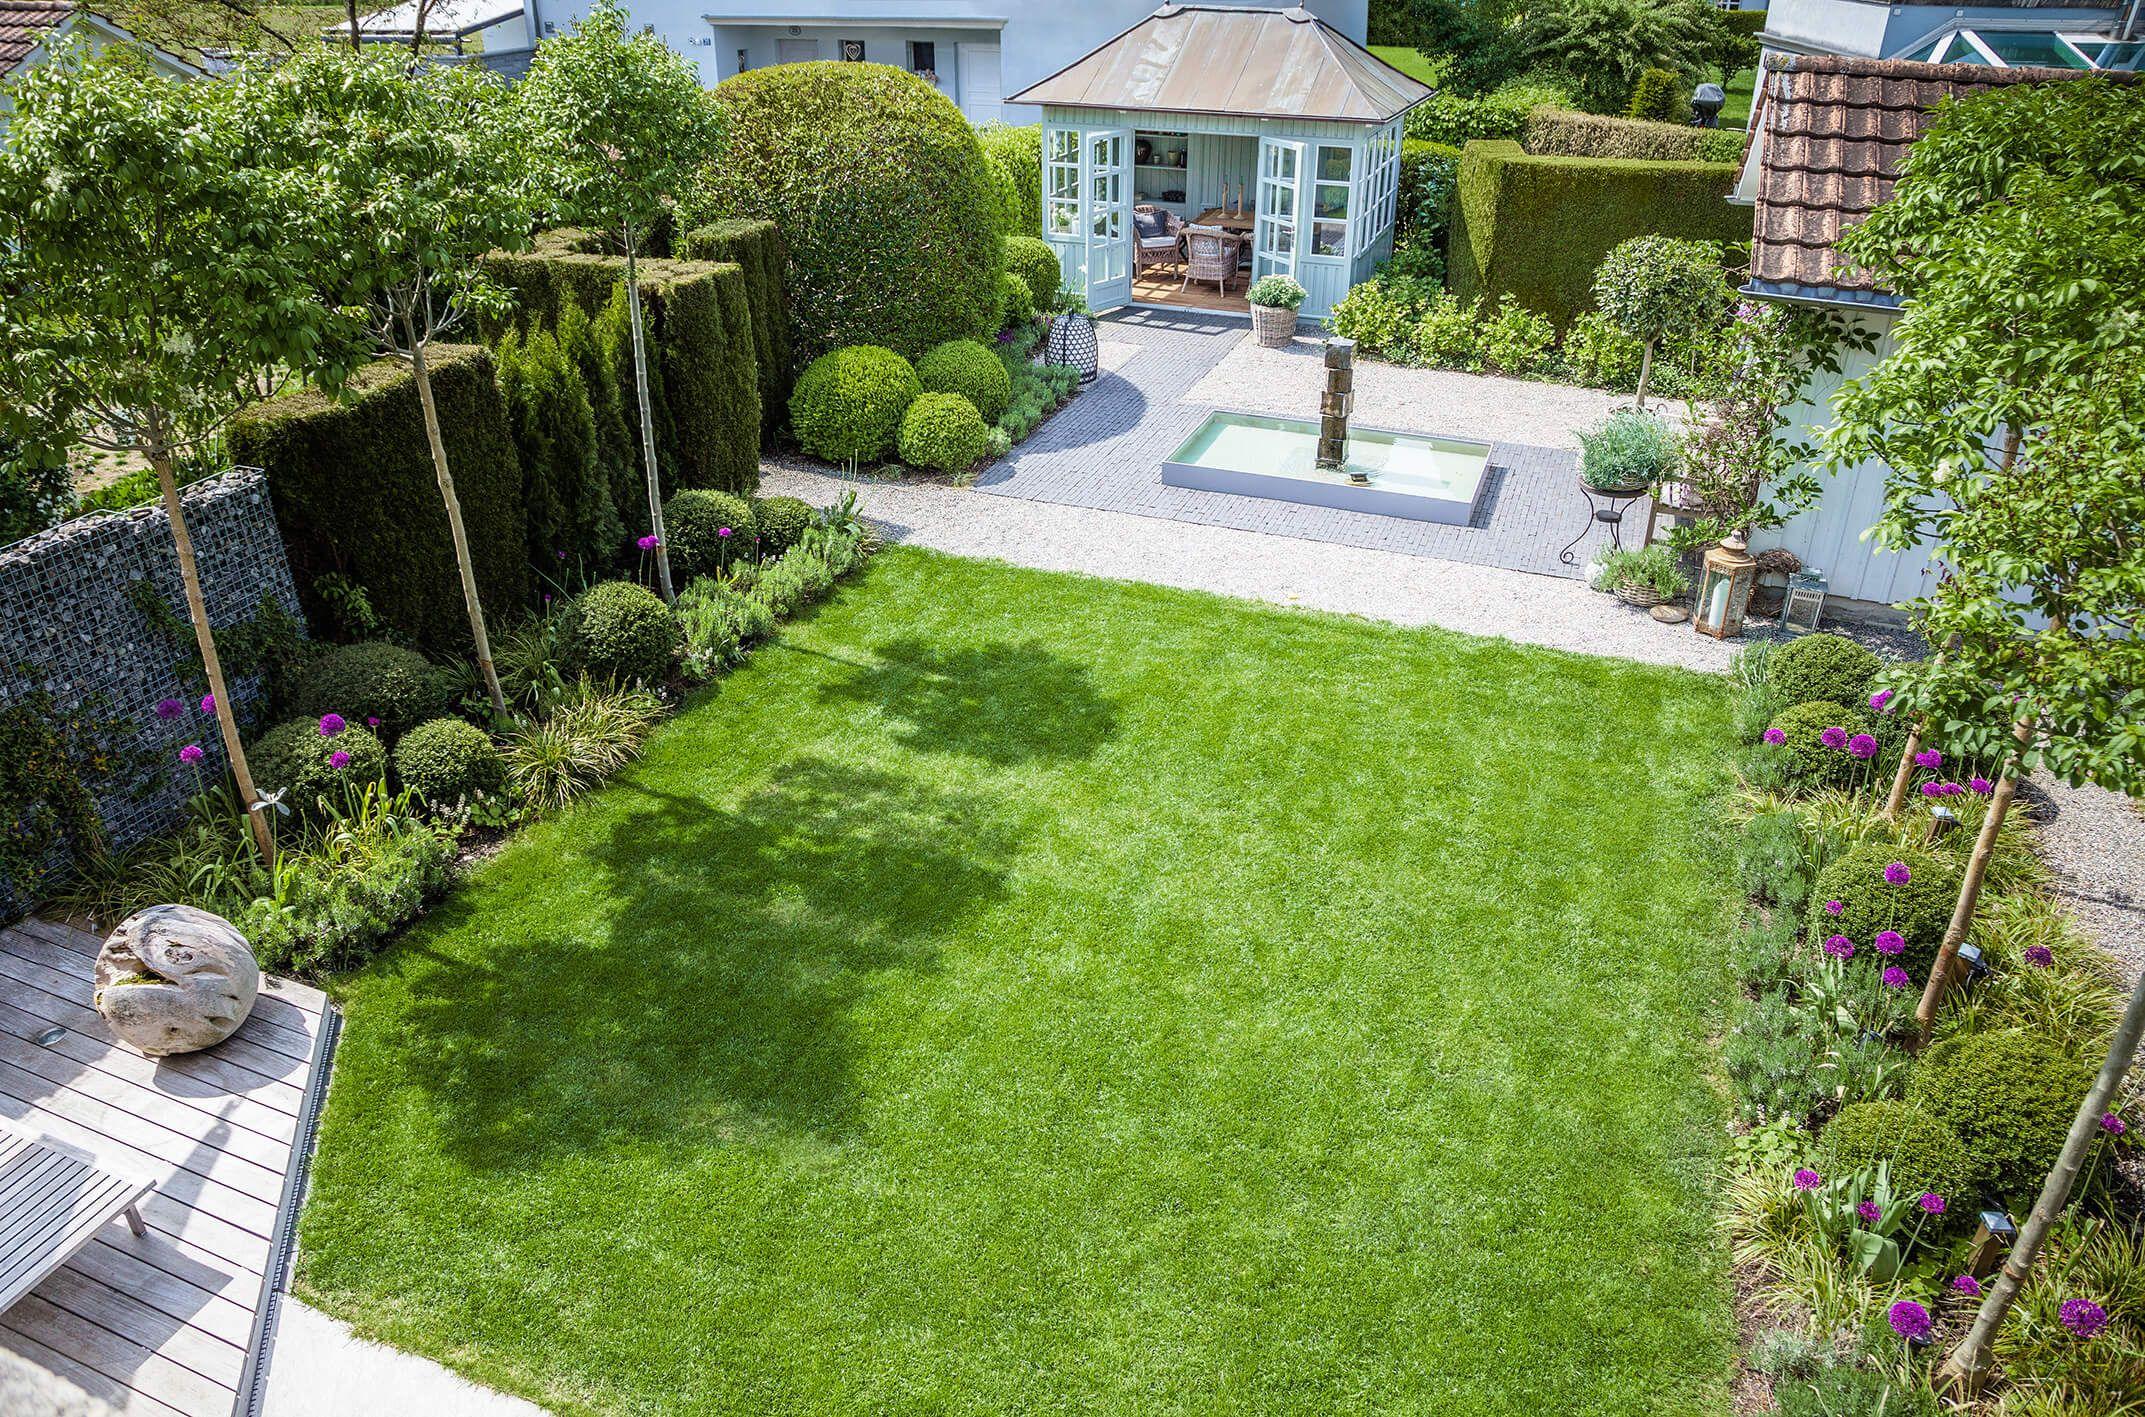 Kleiner garten small garden idea belgisch englischer for Kleiner garten